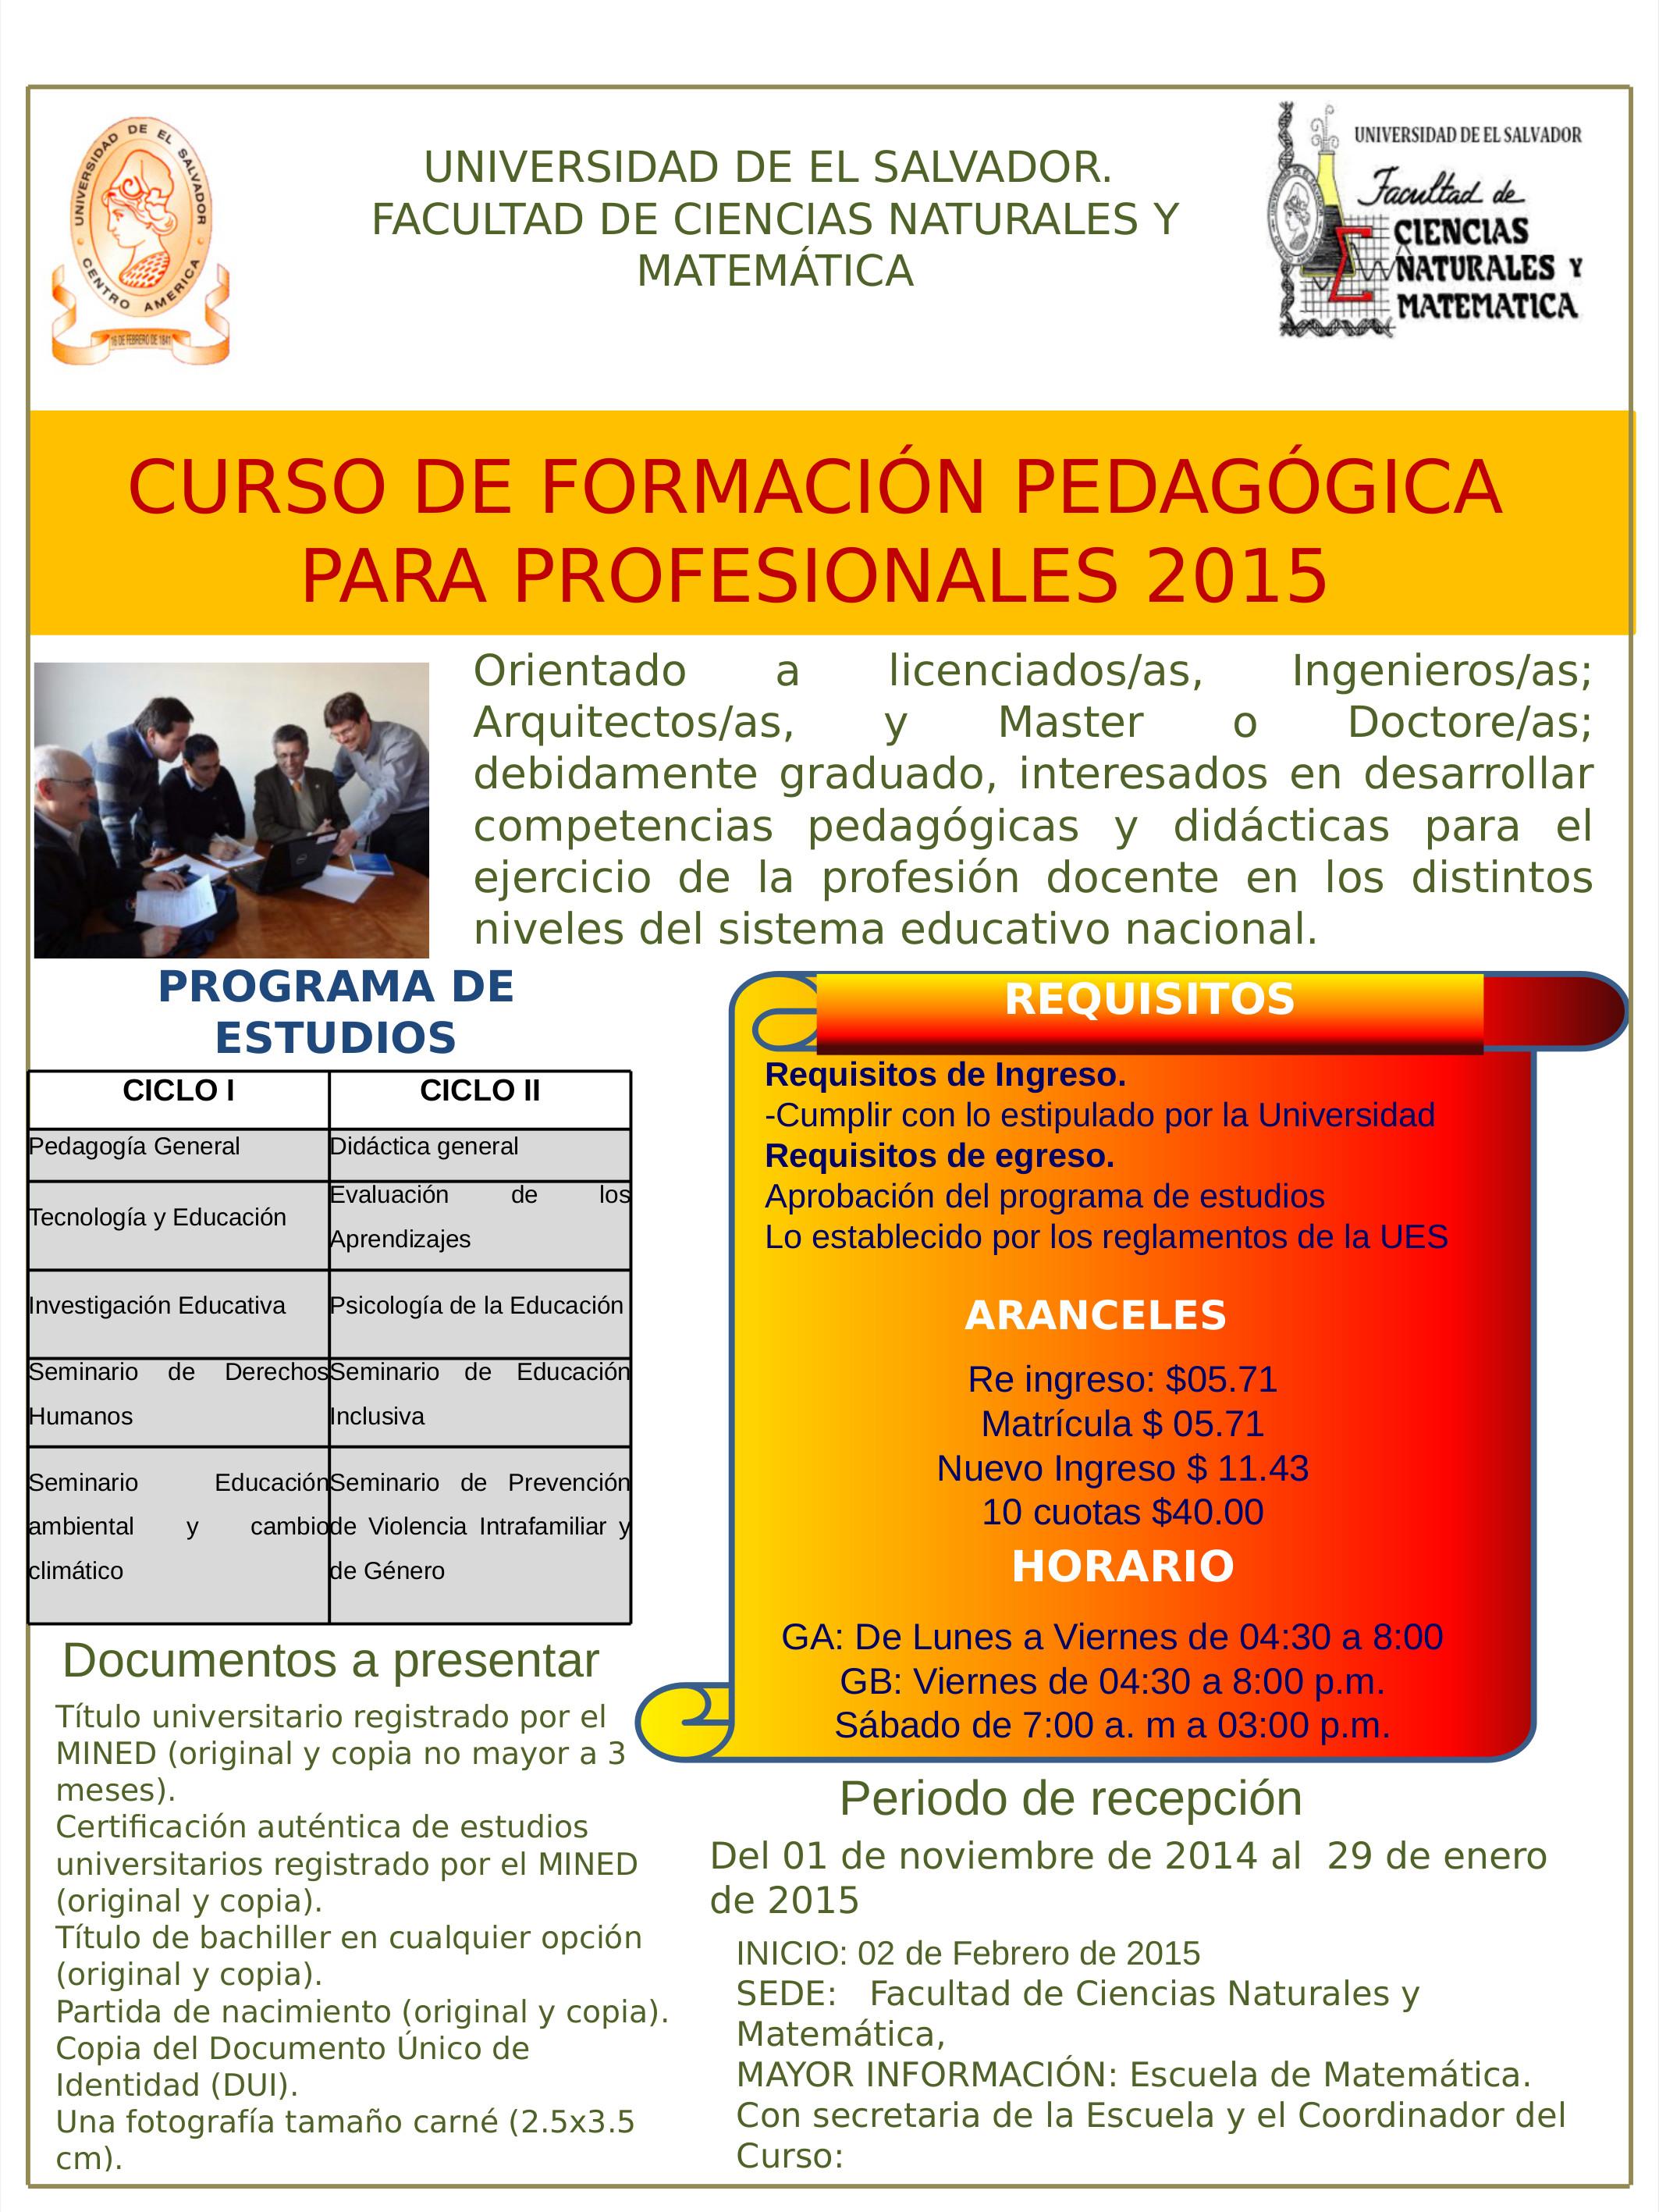 Curso de Formación Pedagógica para Profesionales 2015